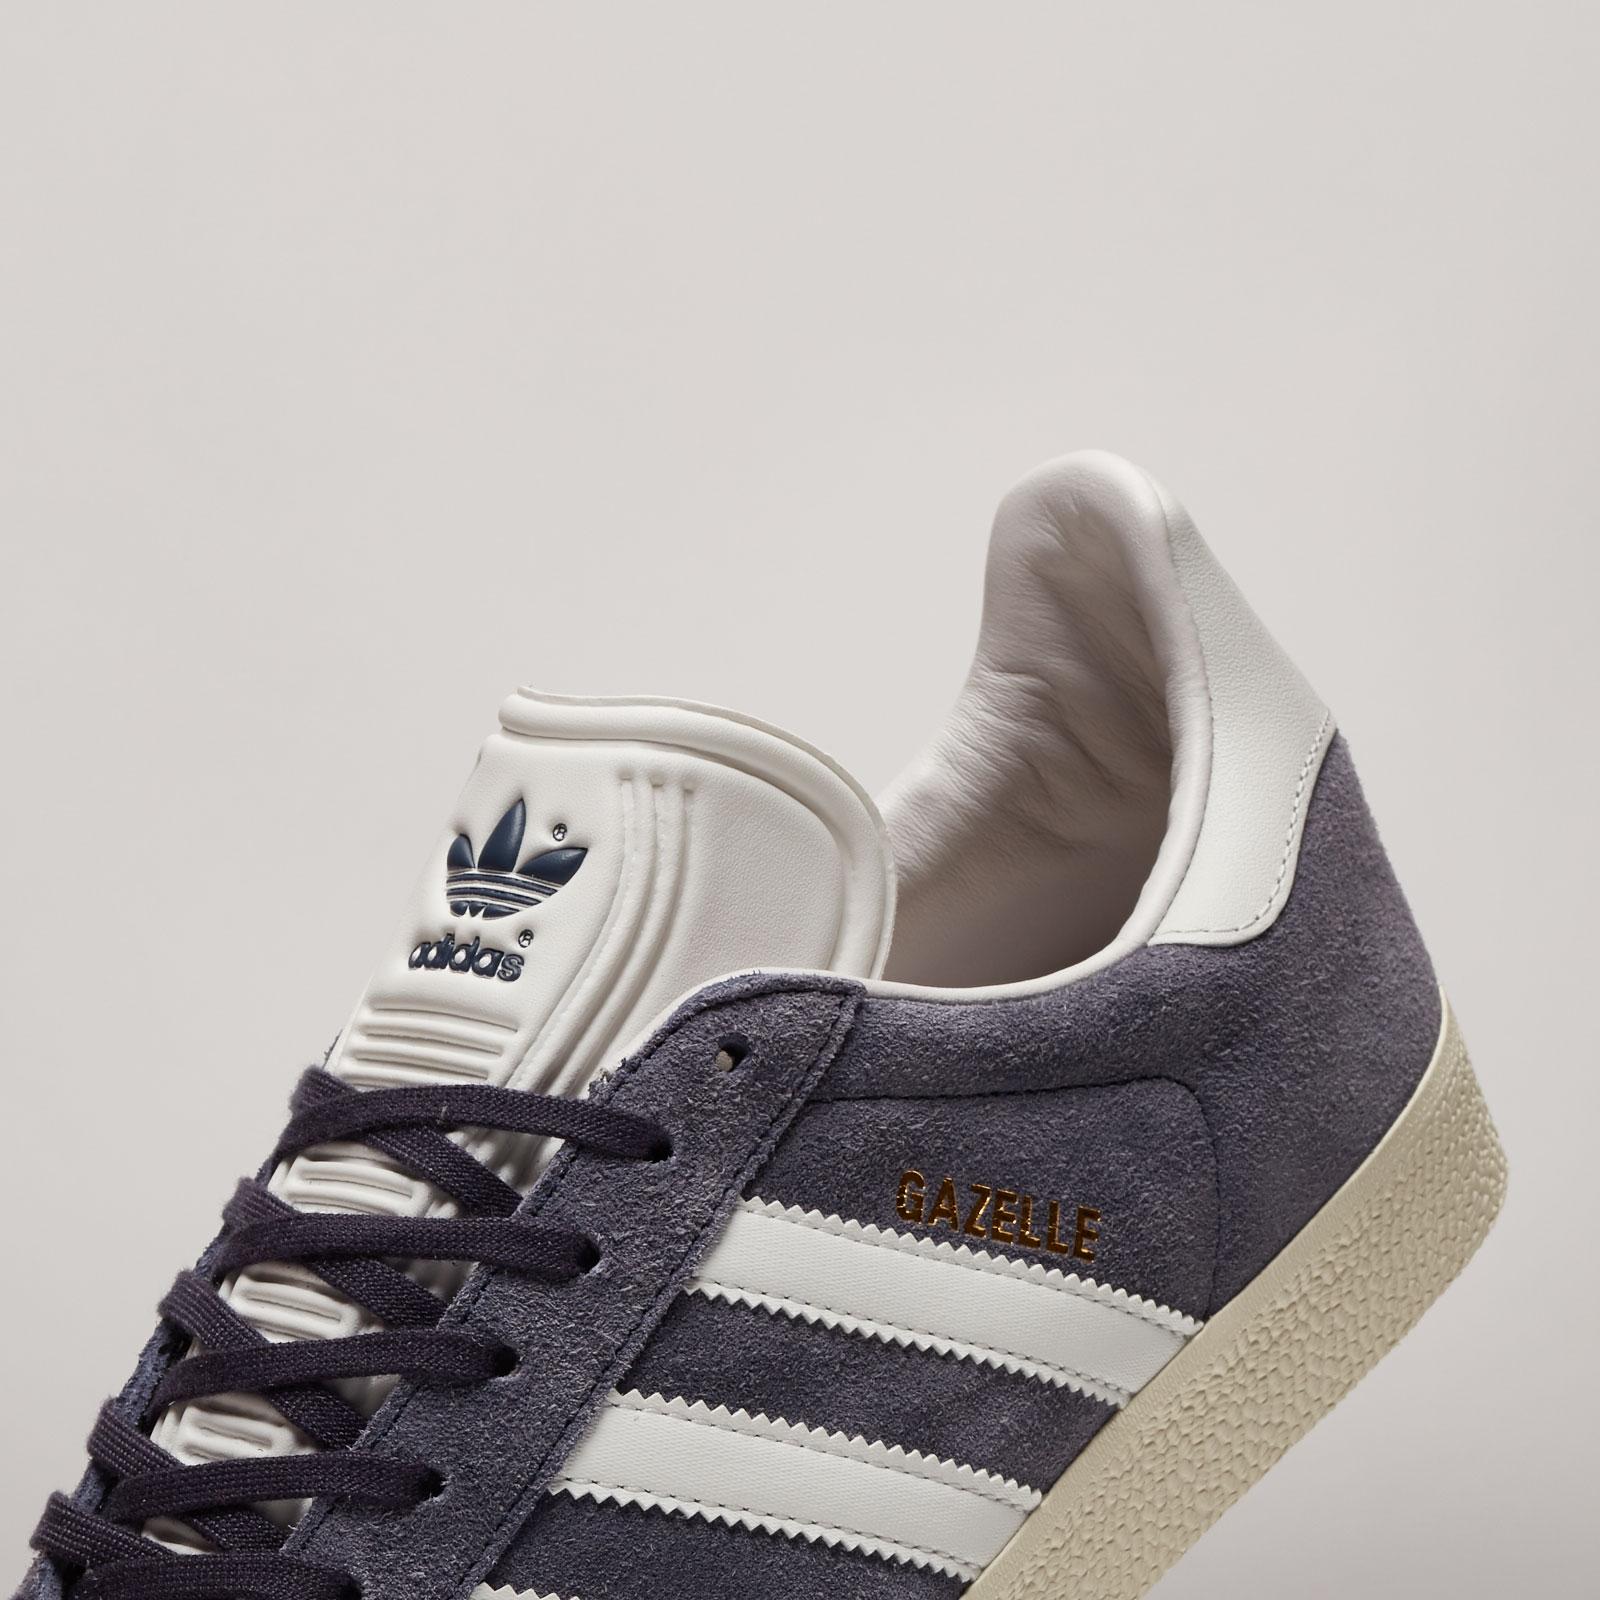 770f2ef50cc8b adidas Gazelle - S76688 - Sneakersnstuff